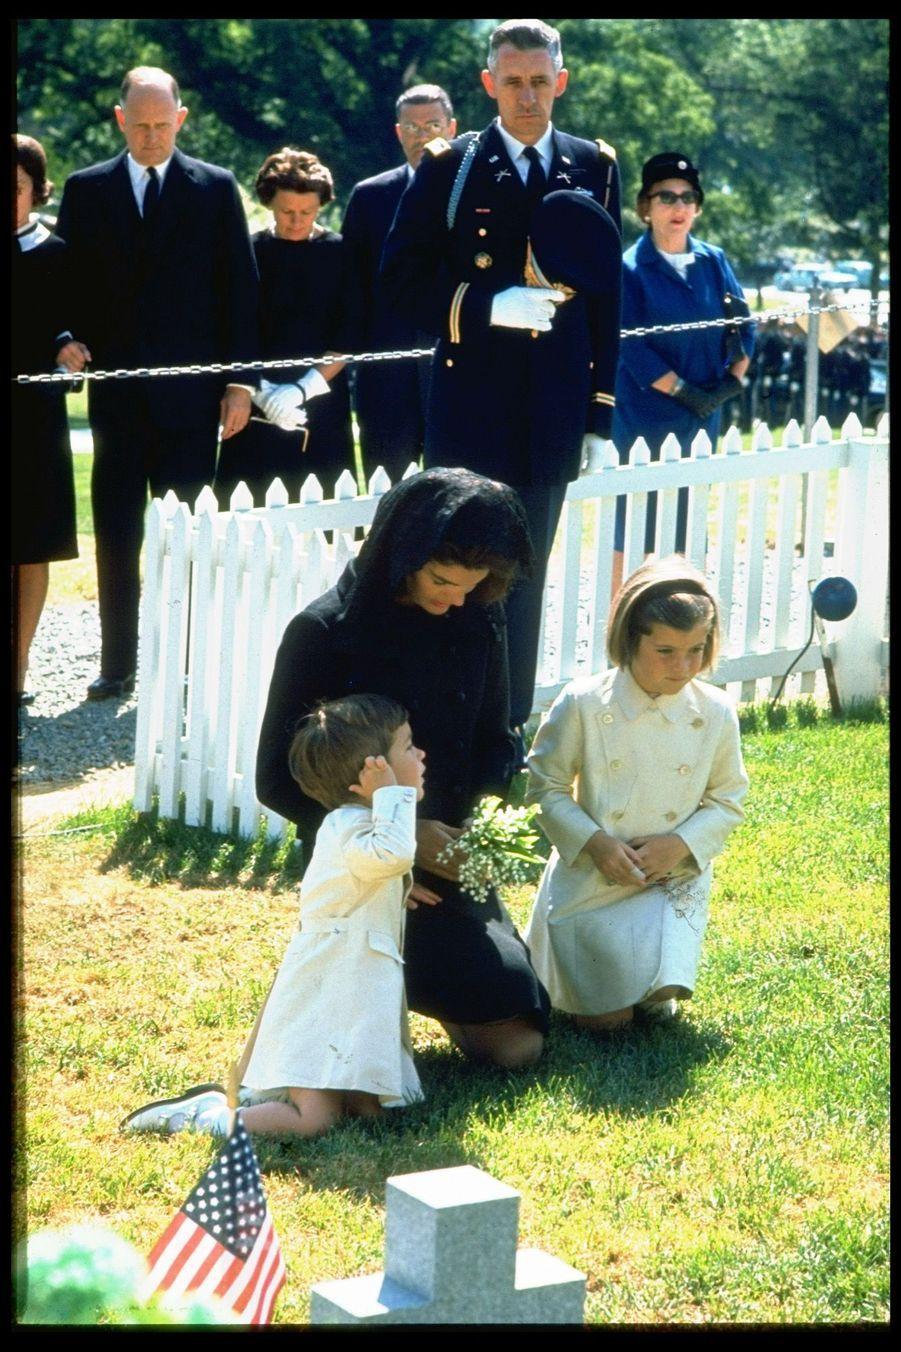 Jacqueline Kennedy et ses enfants John Jr. et Caroline prient sur la tombe du président assassiné, le jour de son premier anniversaire après sa mort, le 29 mai 1964.